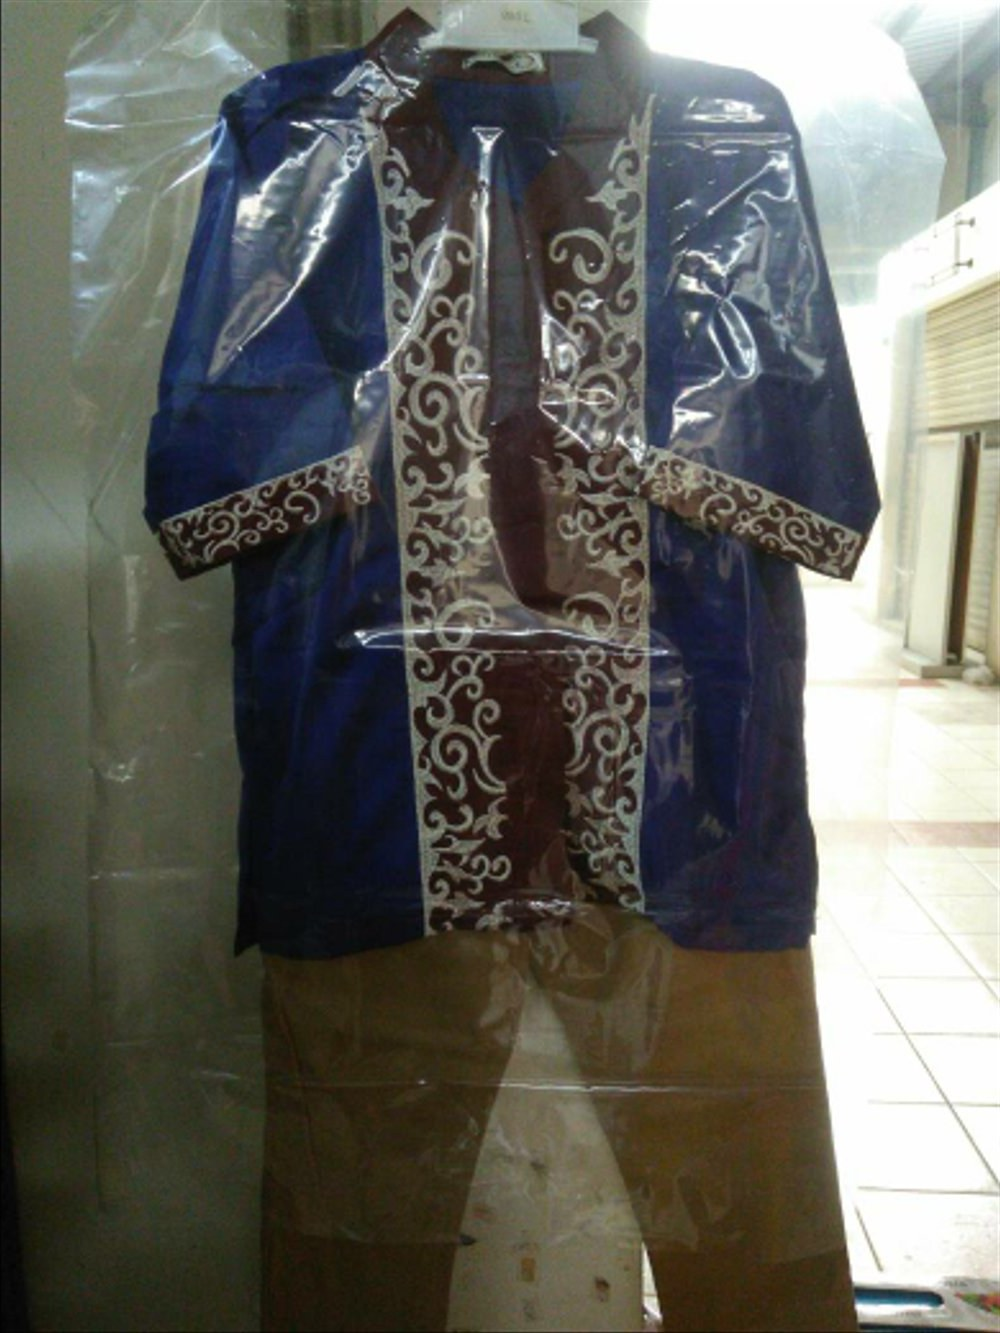 Model Baju Lebaran Anak Laki Laki Wddj Jual Baju Muslim Lebaran Anak Laki Laki Di Lapak Kdsshop